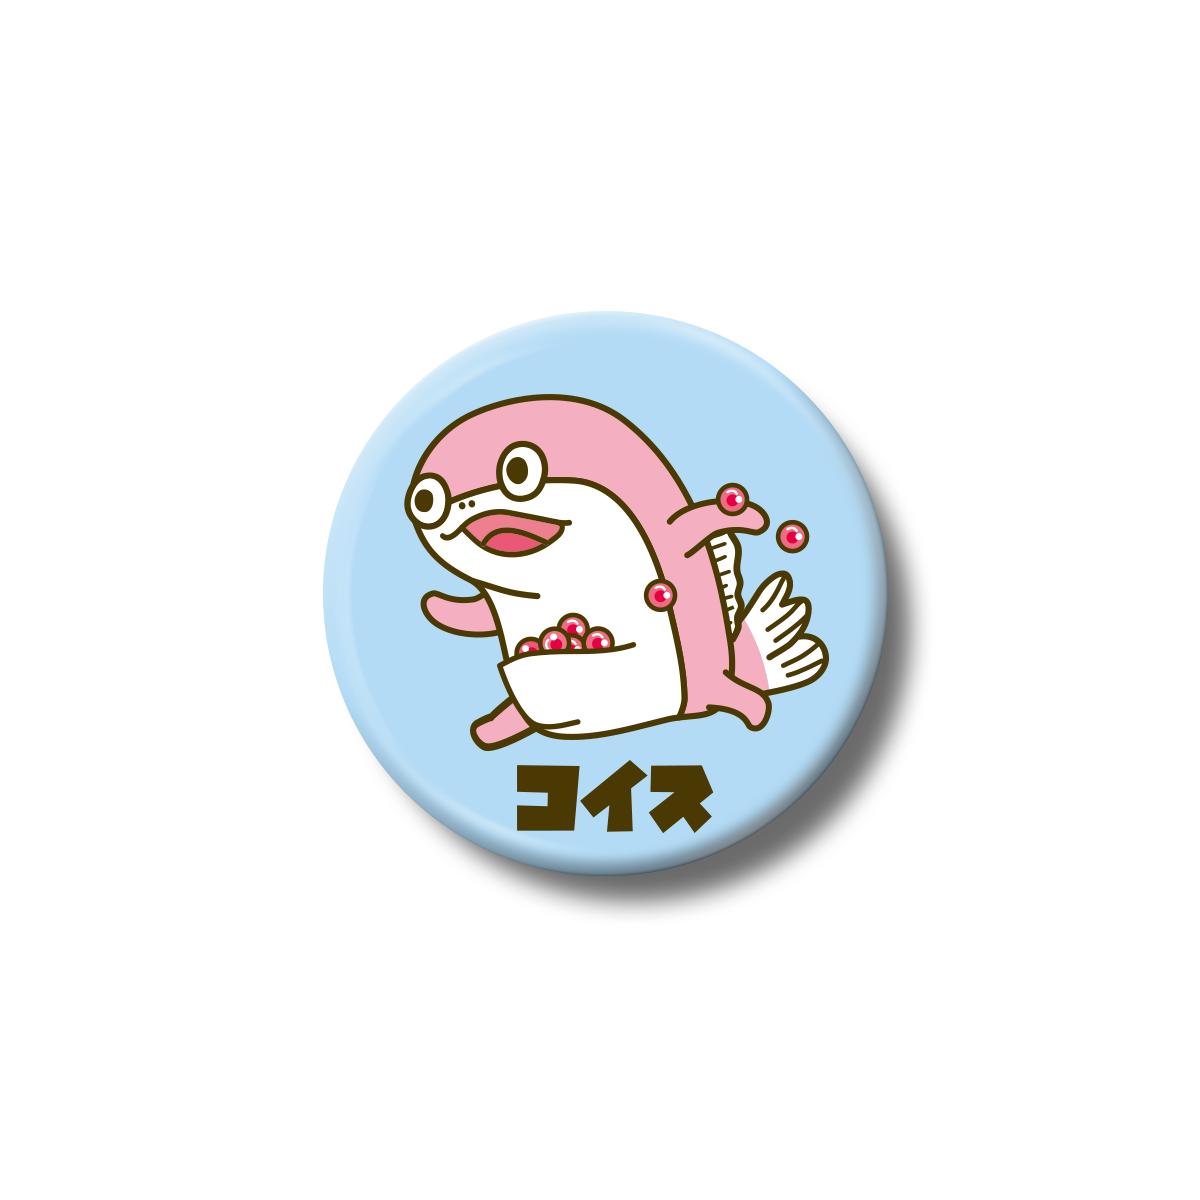 コイスバッジ GO!RUN! TN彩色版(ピンク)